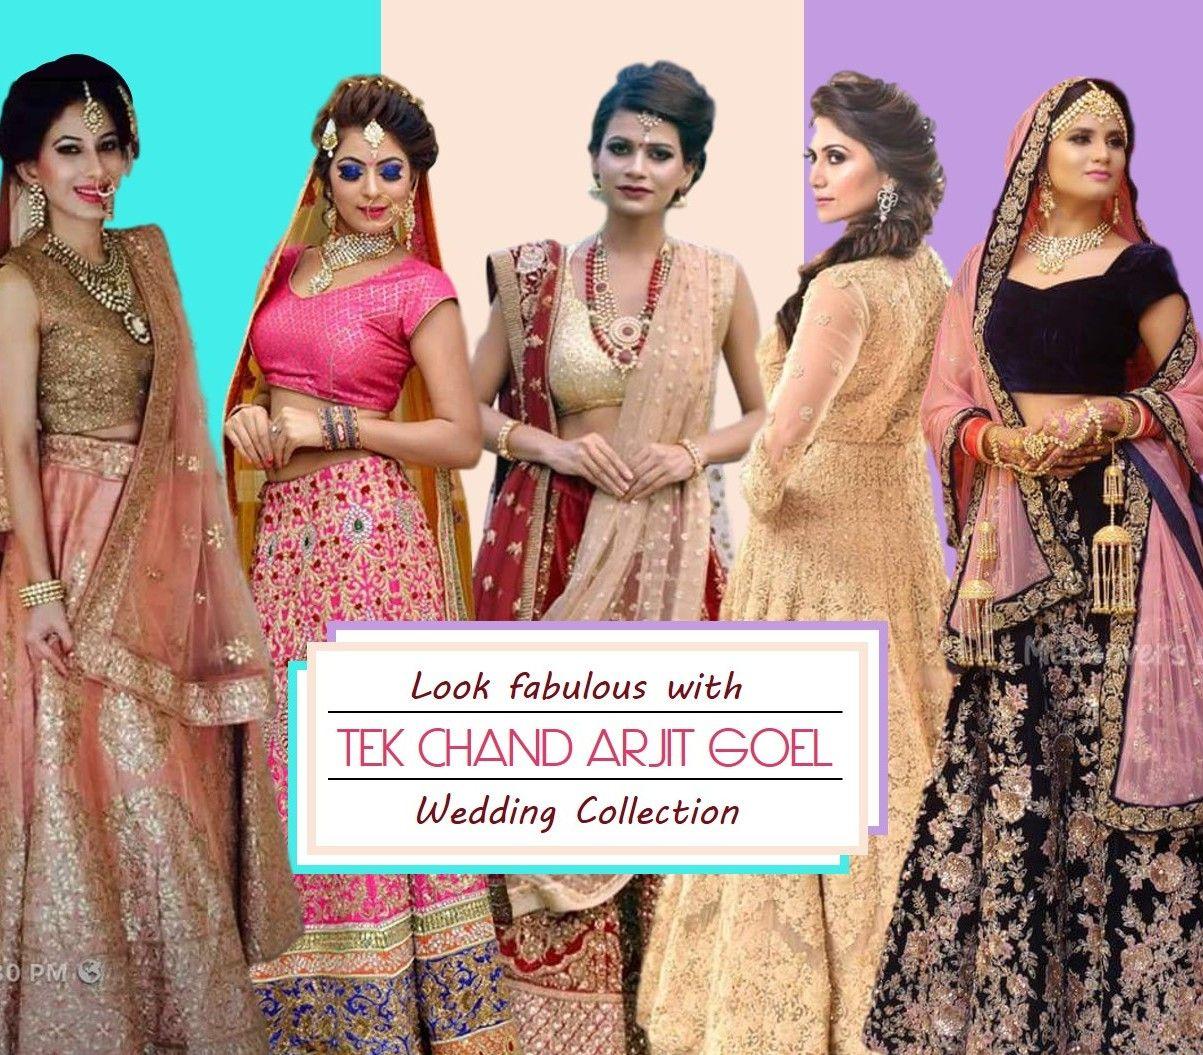 2ca076f5f3 Wedding Collection! Visit us at: 93-A, Moti Bazar, Chandni Chowk,  Delhi-110006, INDIA Contact us at: 9810360031, 9999501072, 9873222788